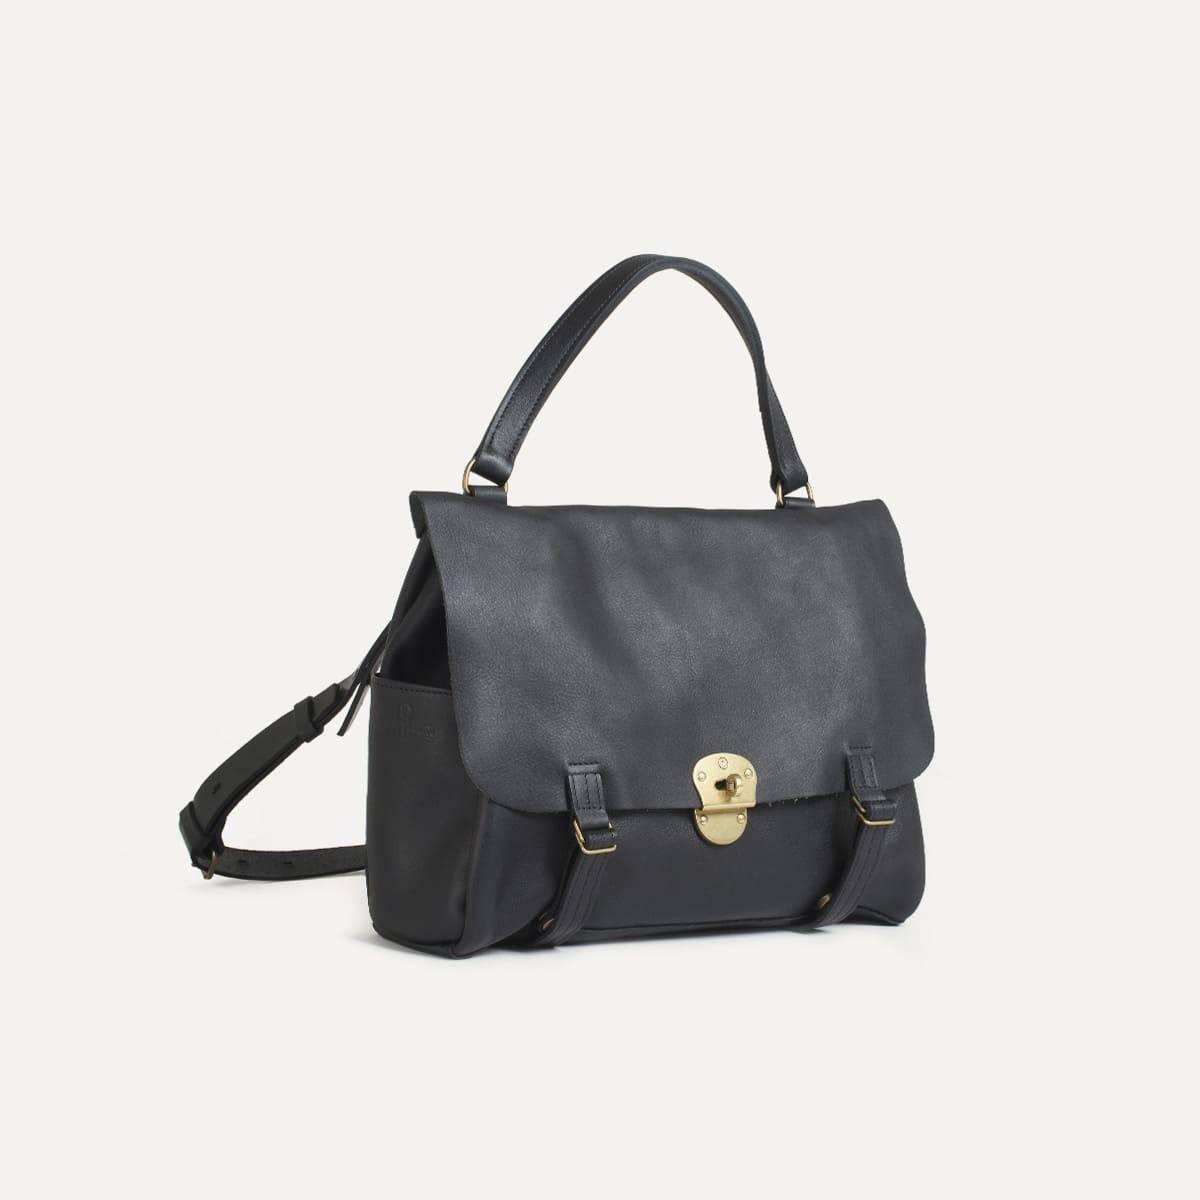 sac femme coline cuir noir souple et fin bleu de chauffe. Black Bedroom Furniture Sets. Home Design Ideas